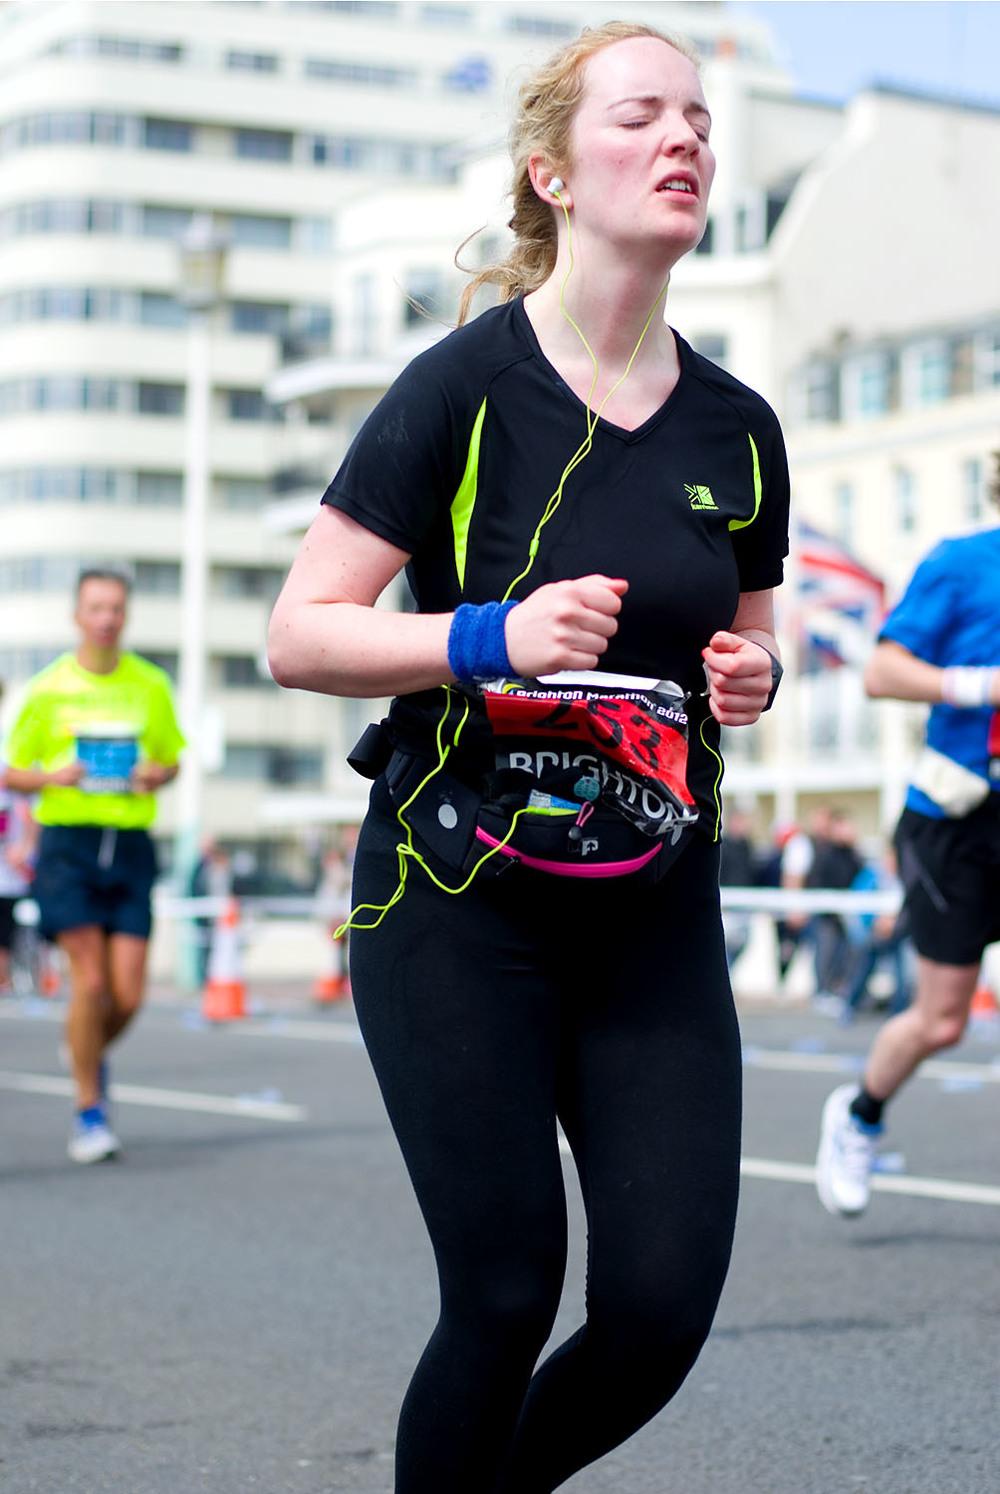 Brighton Marathon 2012 - Mile 24.75